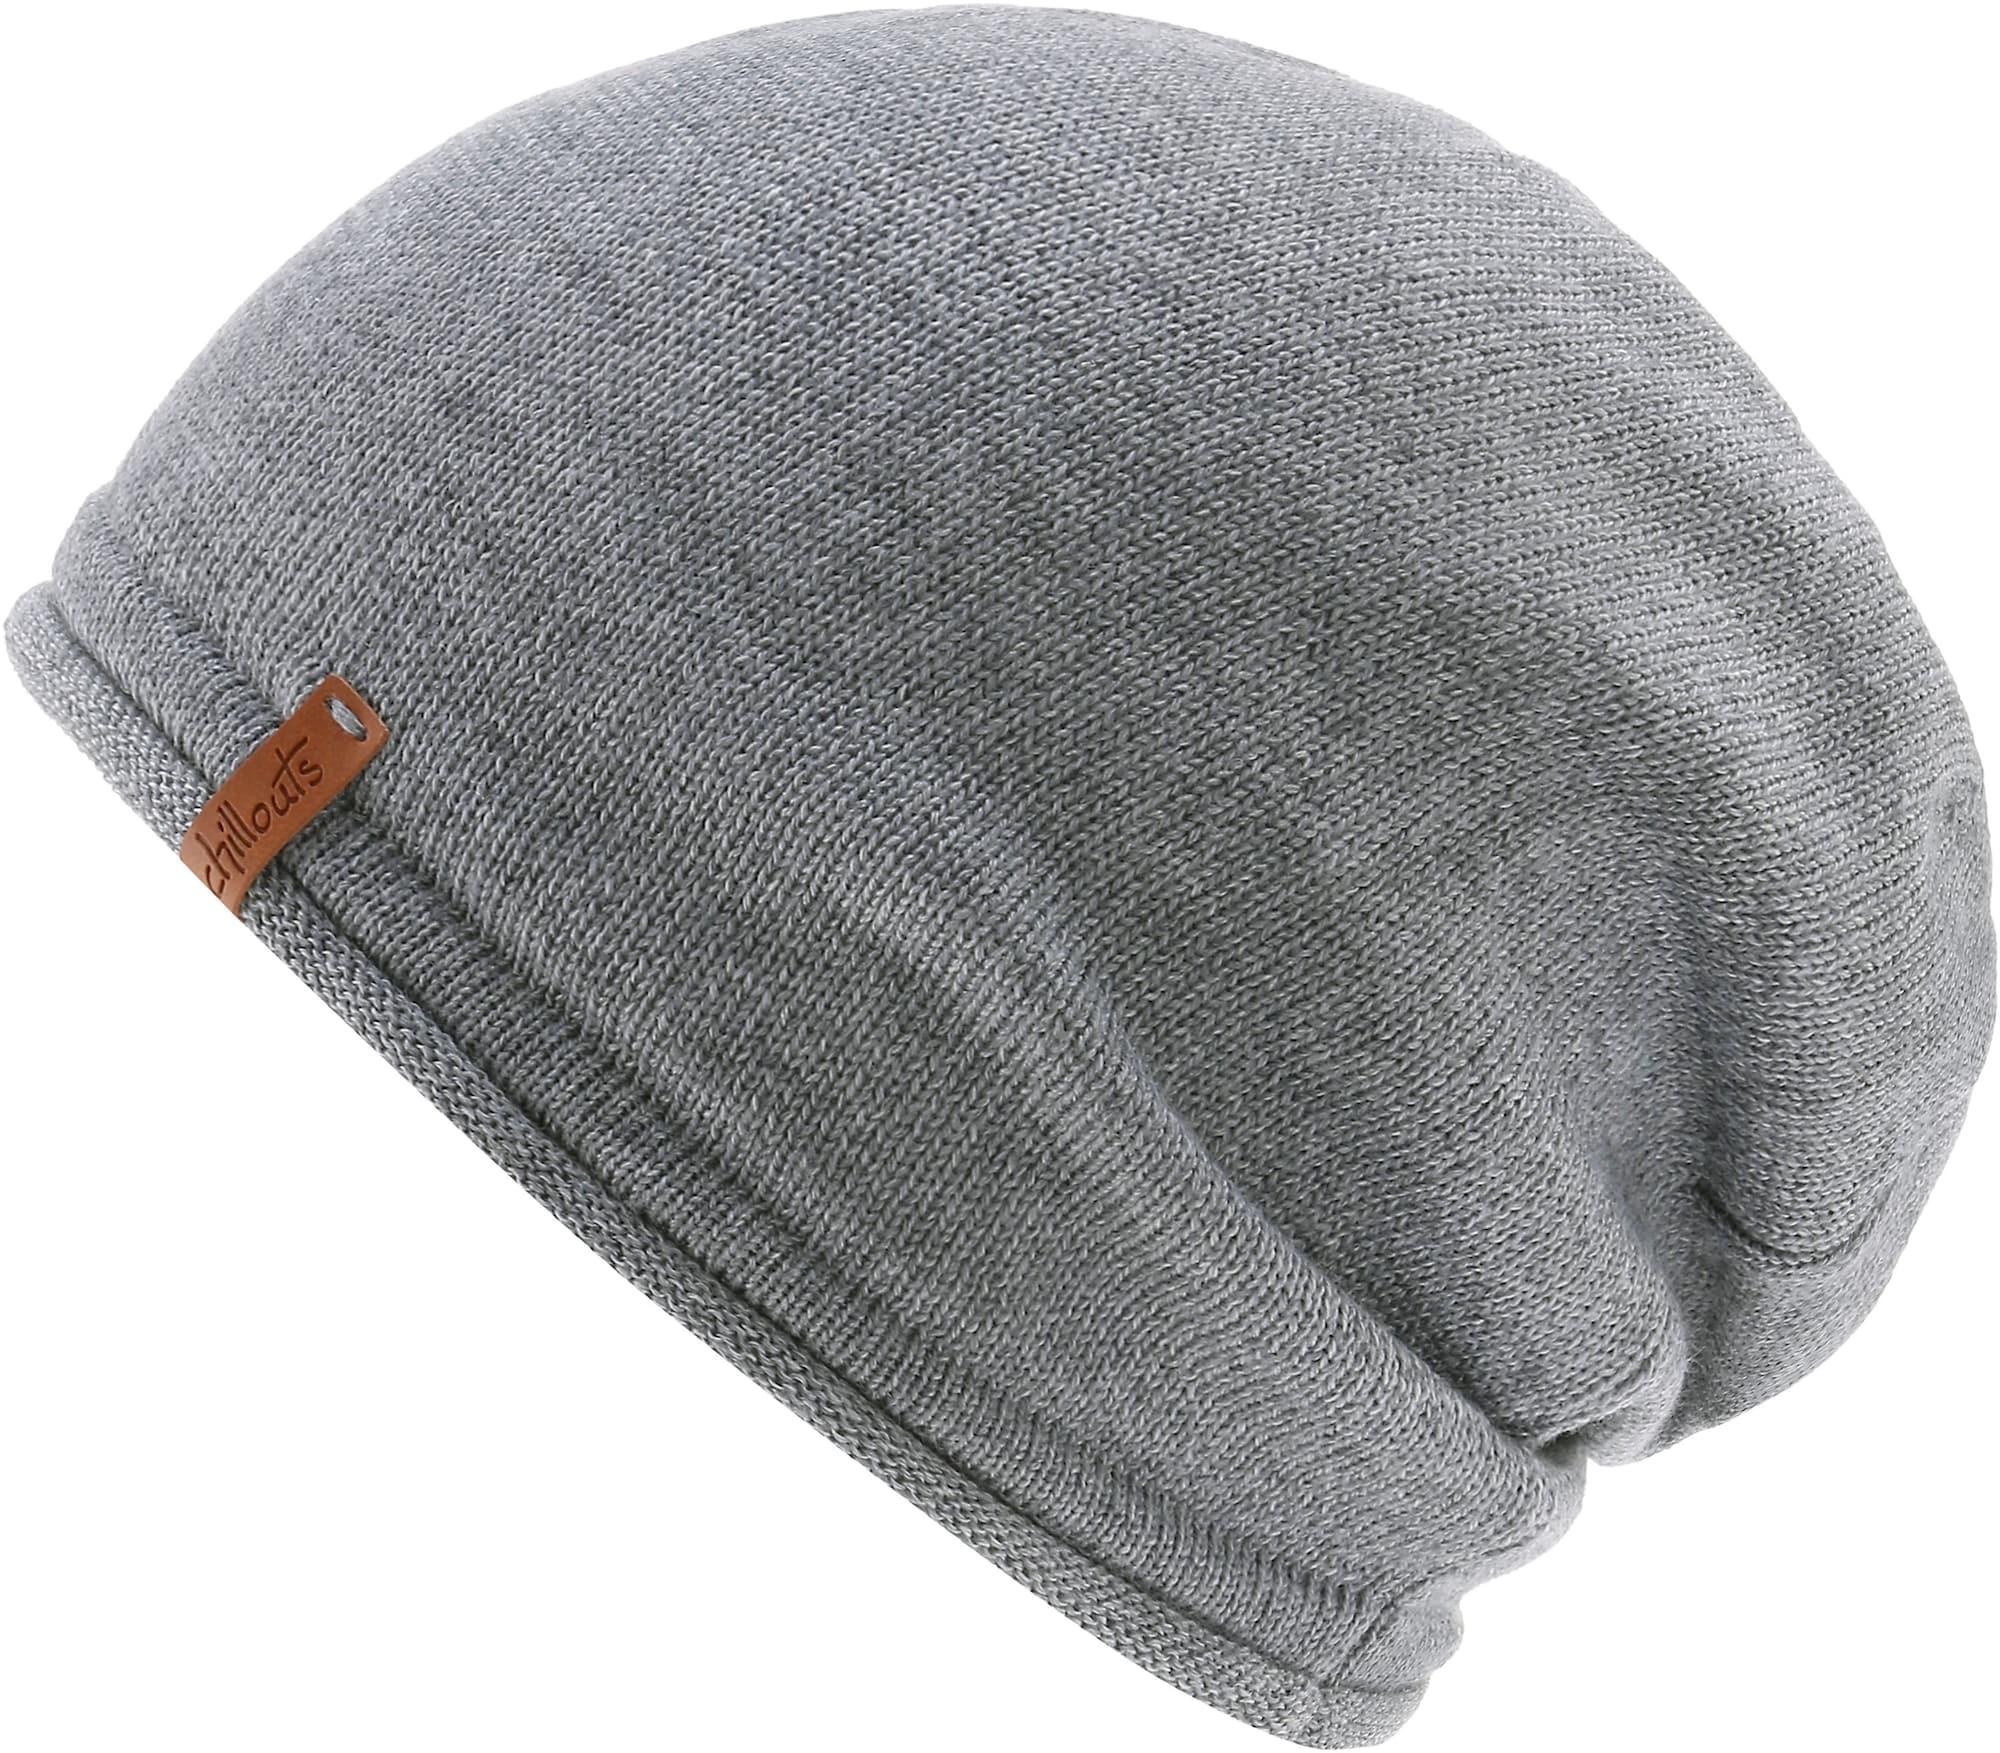 Čepice Leicester Hat světle šedá Chillouts